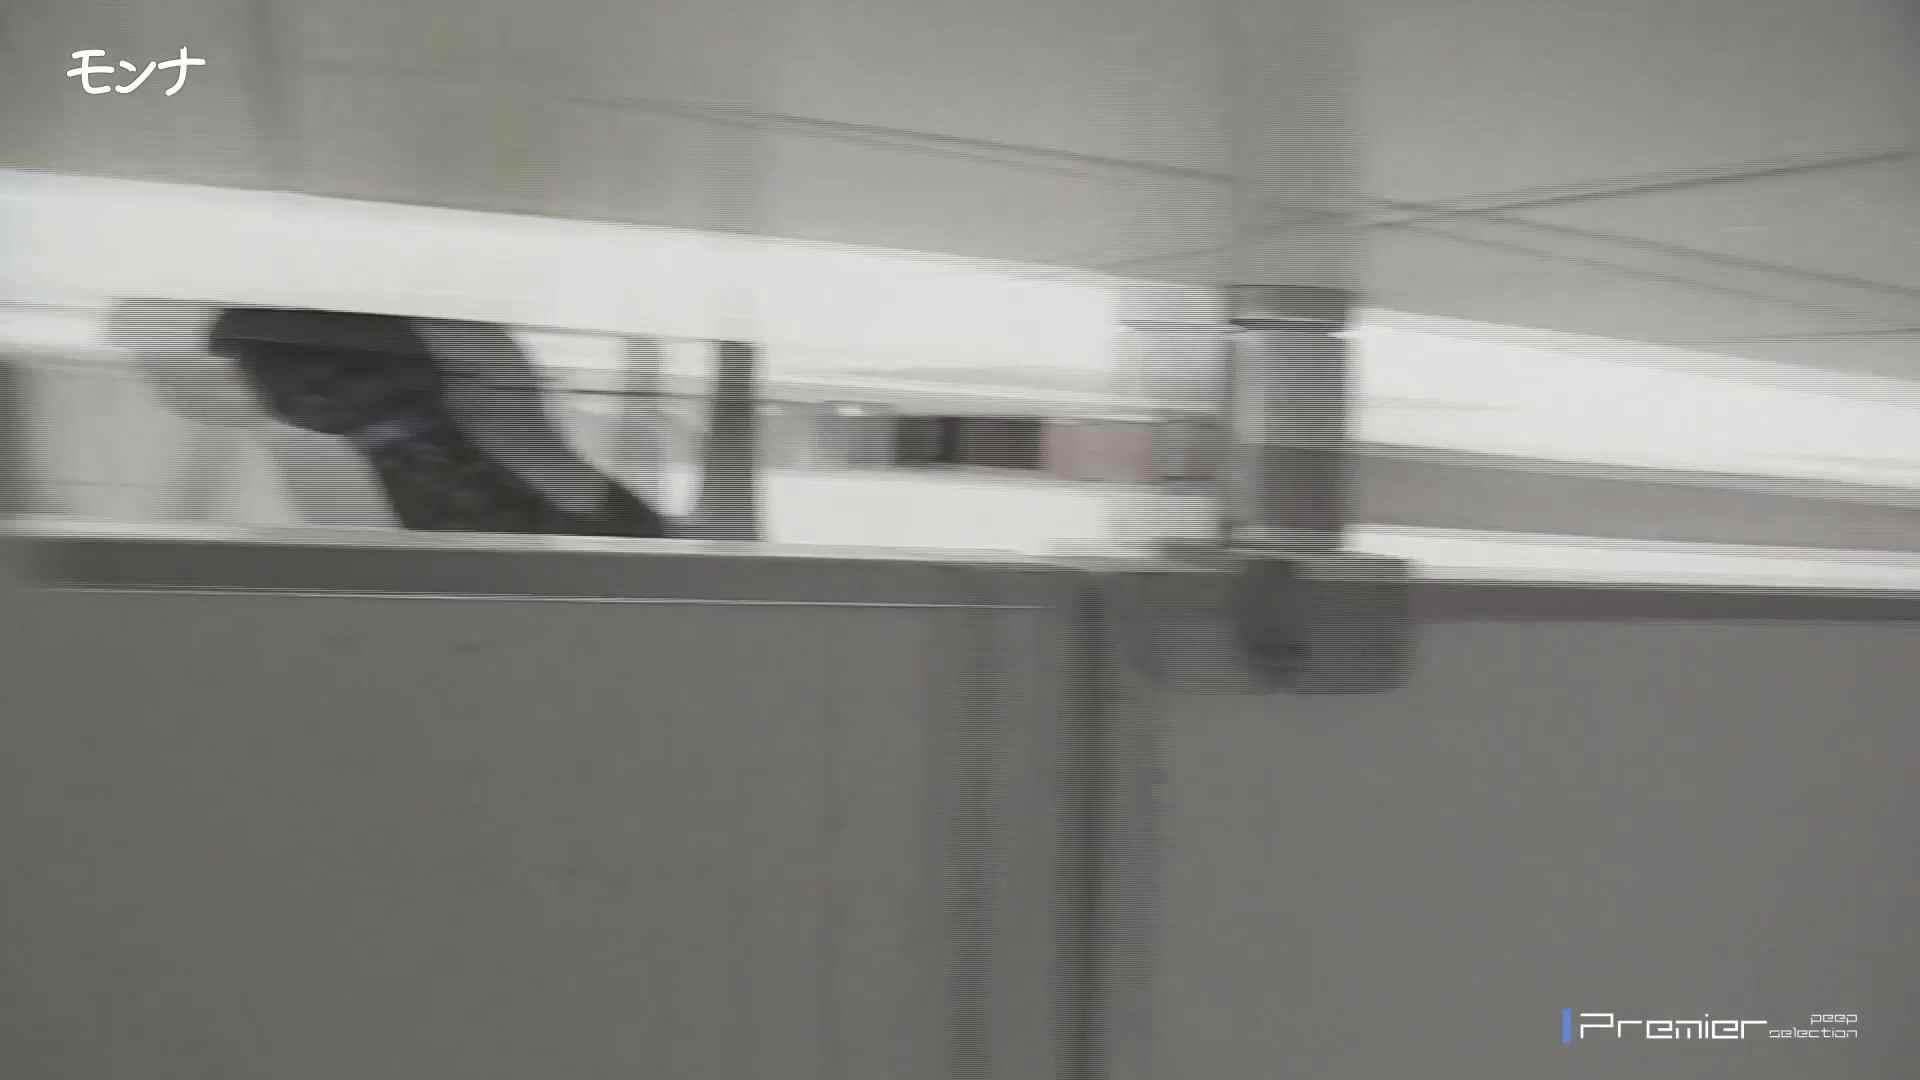 【07位 2016】美しい日本の未来 No.43 高画質 おまんこ動画流出 90枚 48